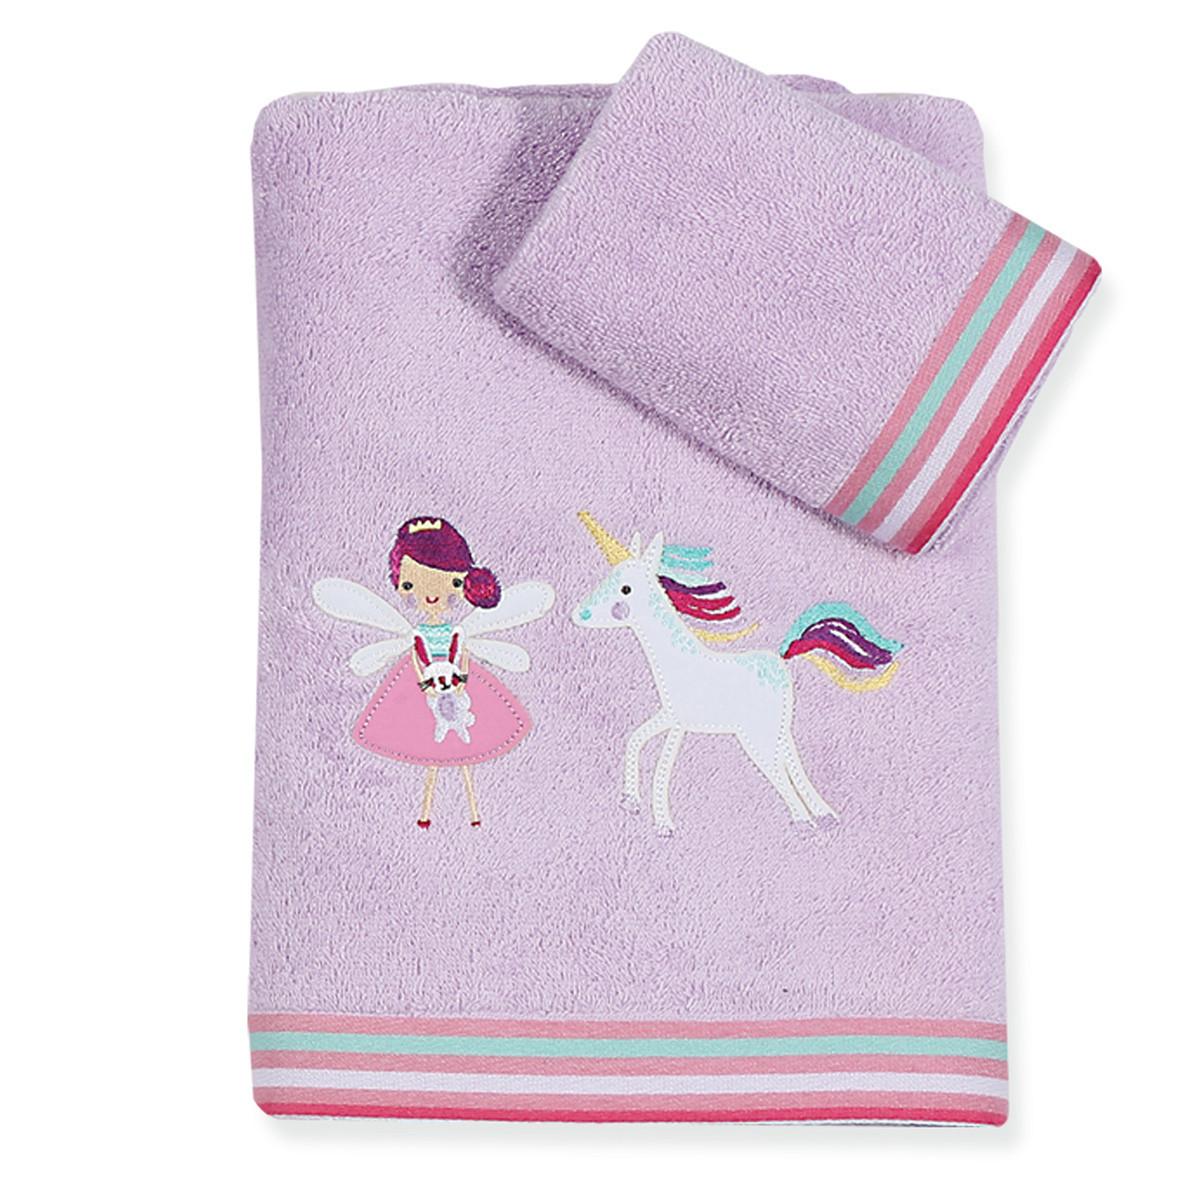 Παιδικές Πετσέτες (Σετ 2τμχ) Nef-Nef Junior Midnight Fairies home   παιδικά   πετσέτες παιδικές